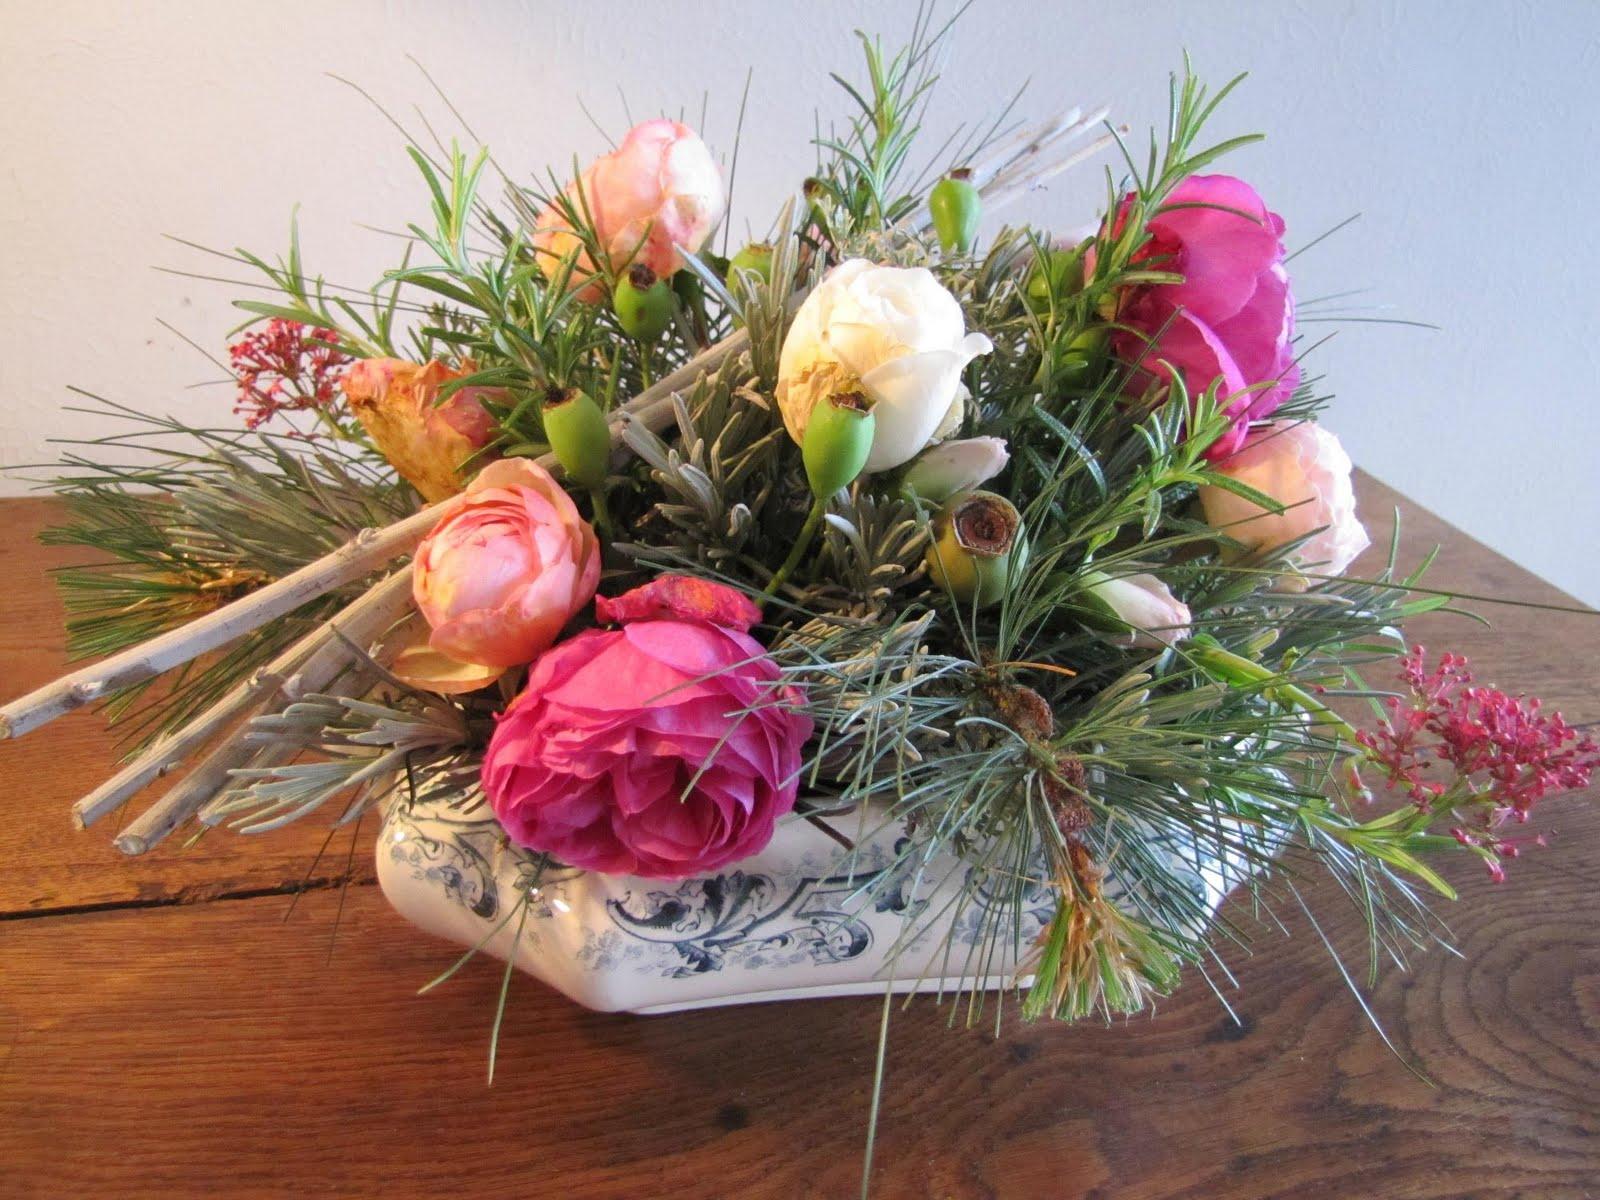 Le blog de parcs et jardins de l 39 oise bouquet d 39 automne - Bouquet d automne ...